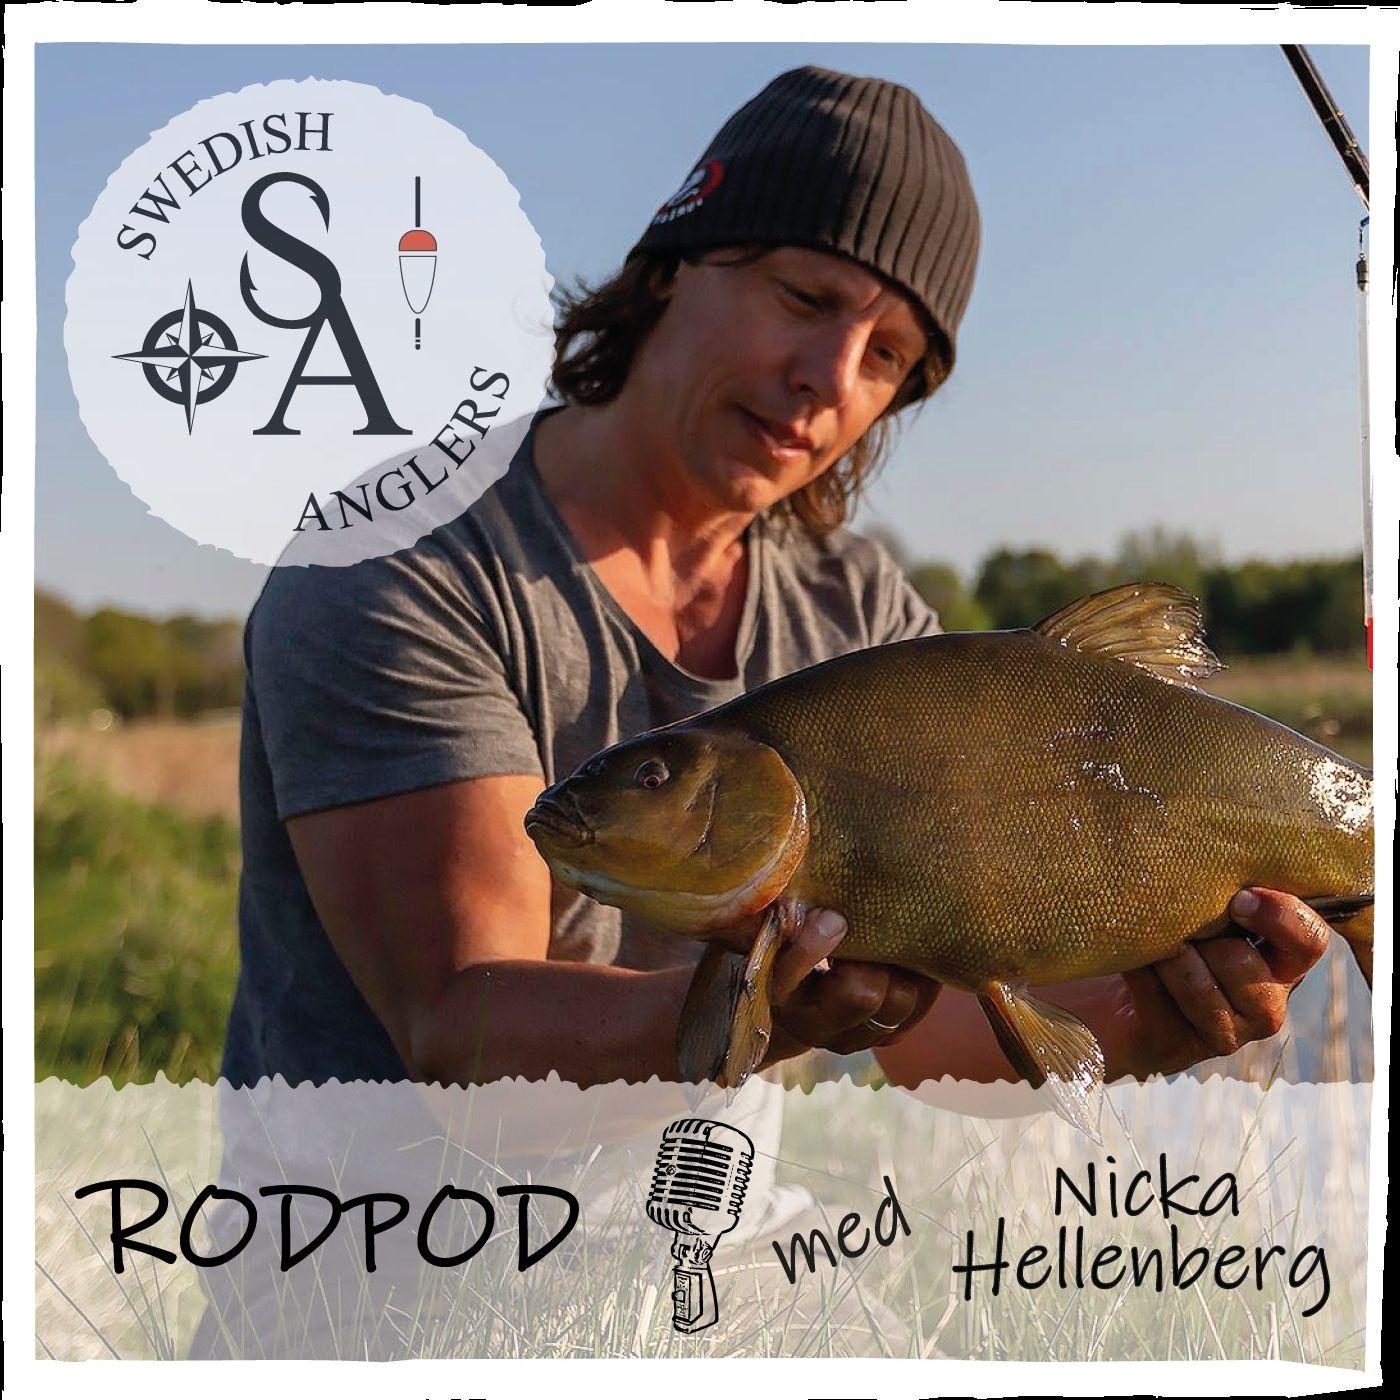 Swedish Anglers RodPod Avsnitt 6 med Nicka Hellenberg